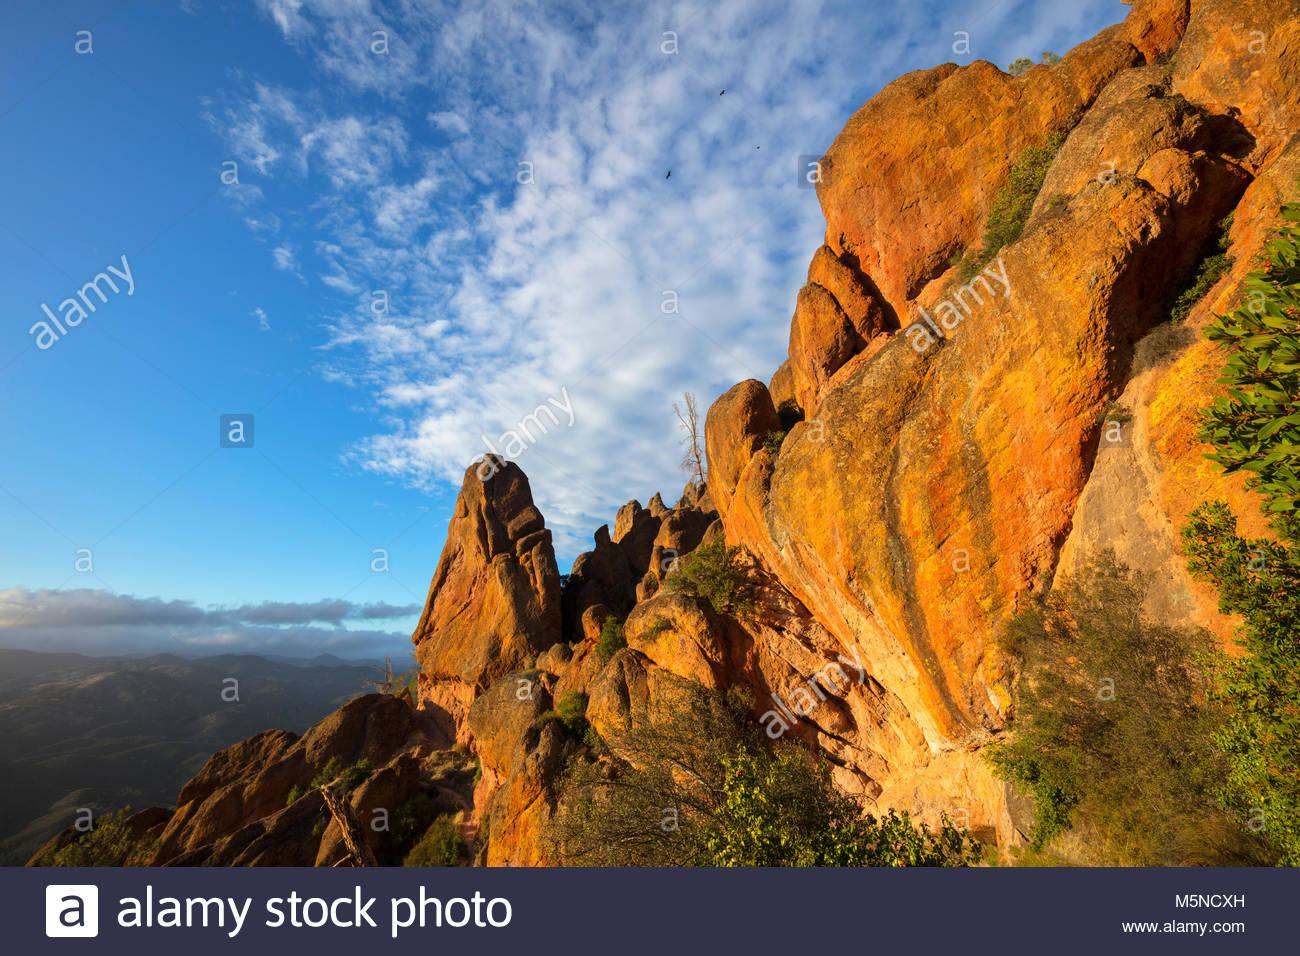 El sol de la tarde se lleva a cabo el color dorado de las Altas Cumbres en Pinnacles National Park, California. Imagen De Stock